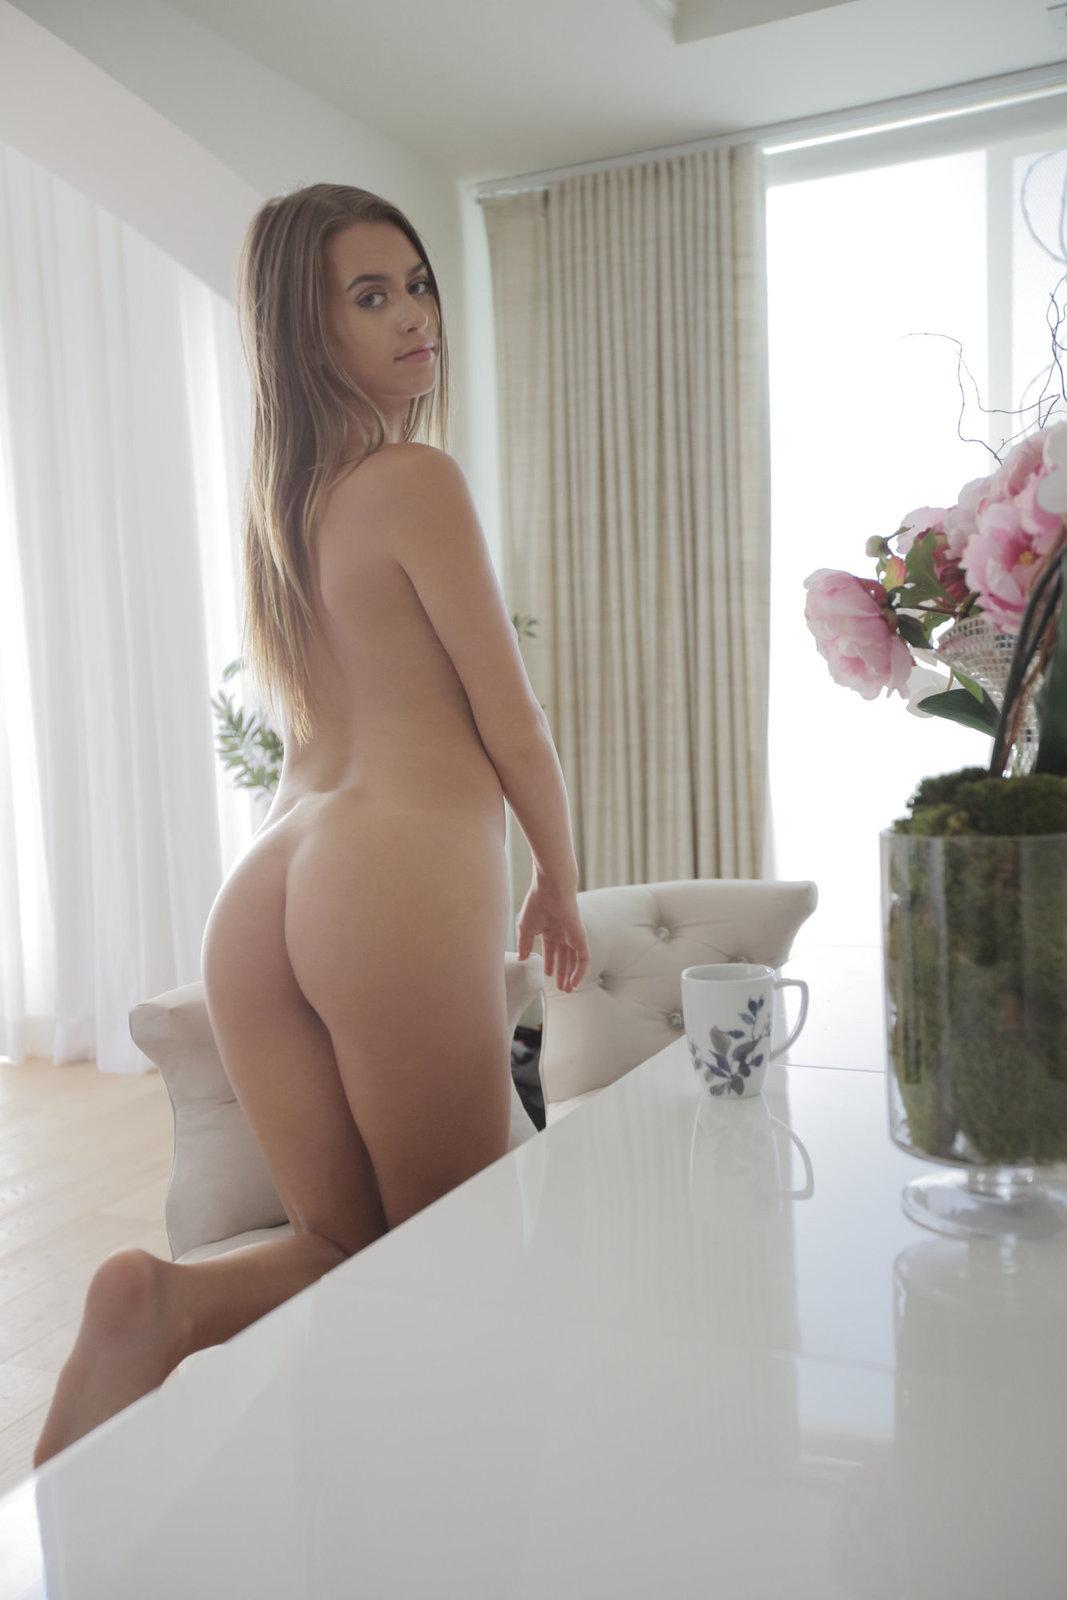 Zdjęcie porno - 1121 - Laska zdejmuje bieliznę